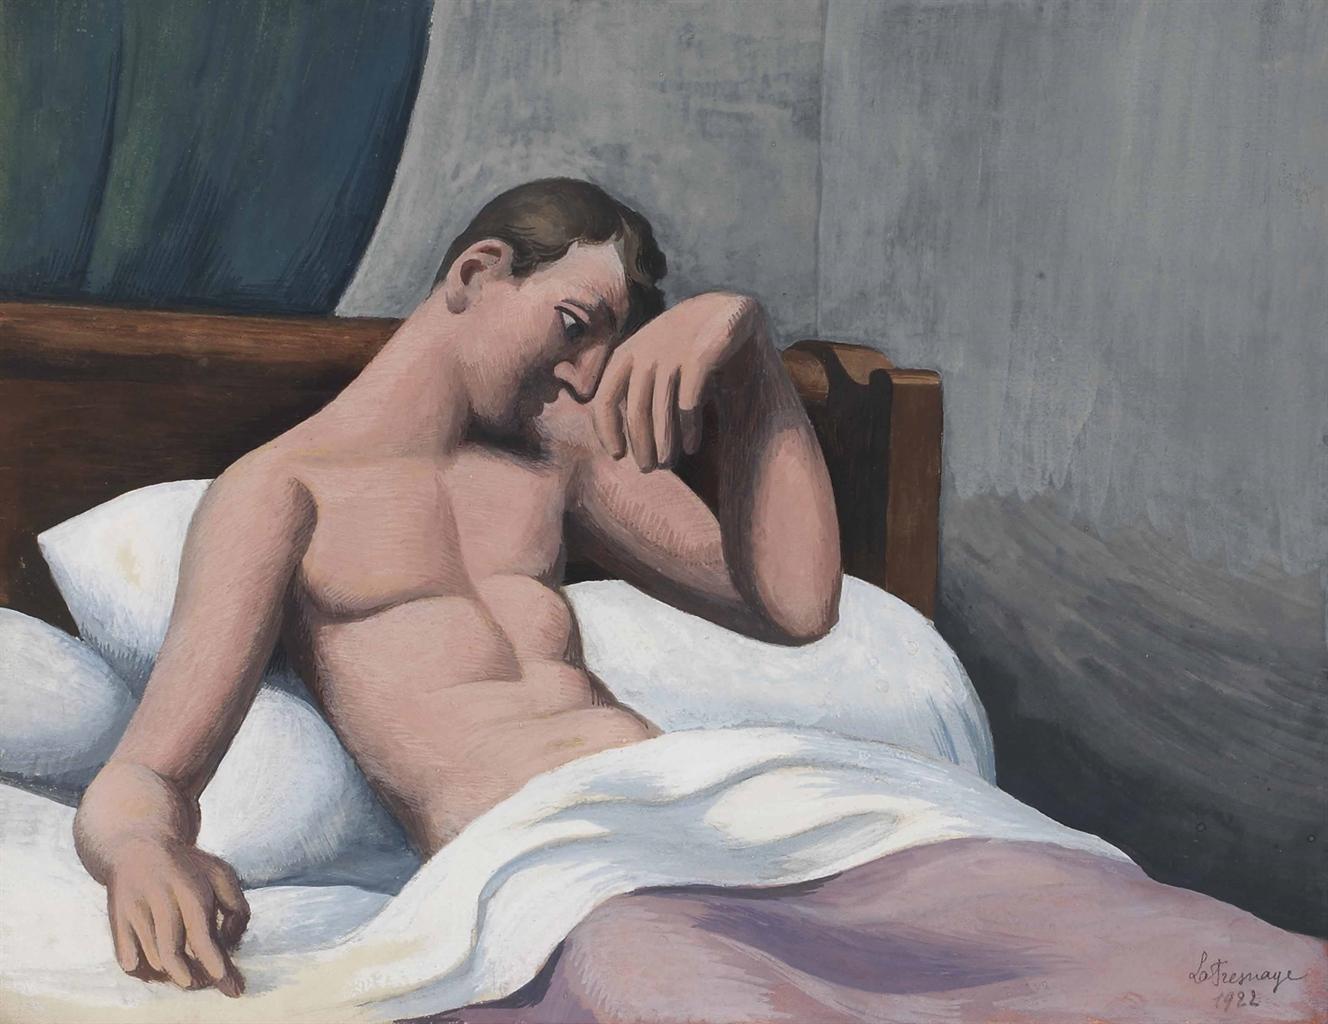 Roger de La Fresnaye-Le malade assis dans son lit-1922